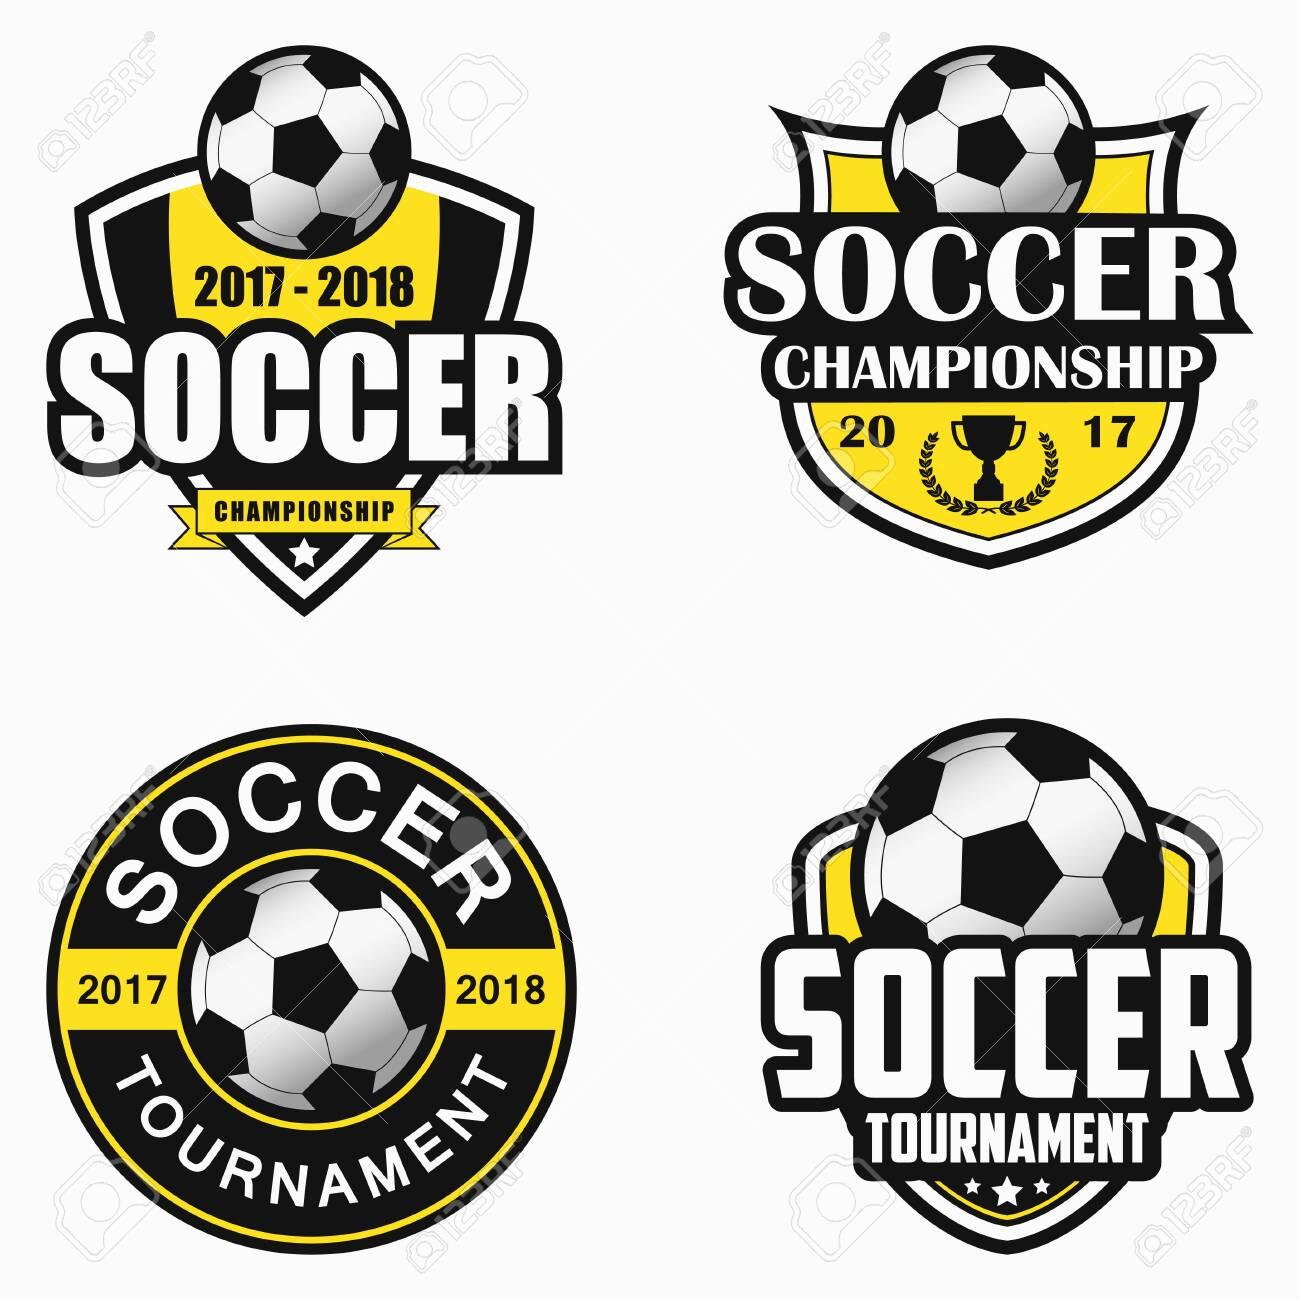 Soccer emblem. Set of sports emblem designs. Vector illustration. - 125472664